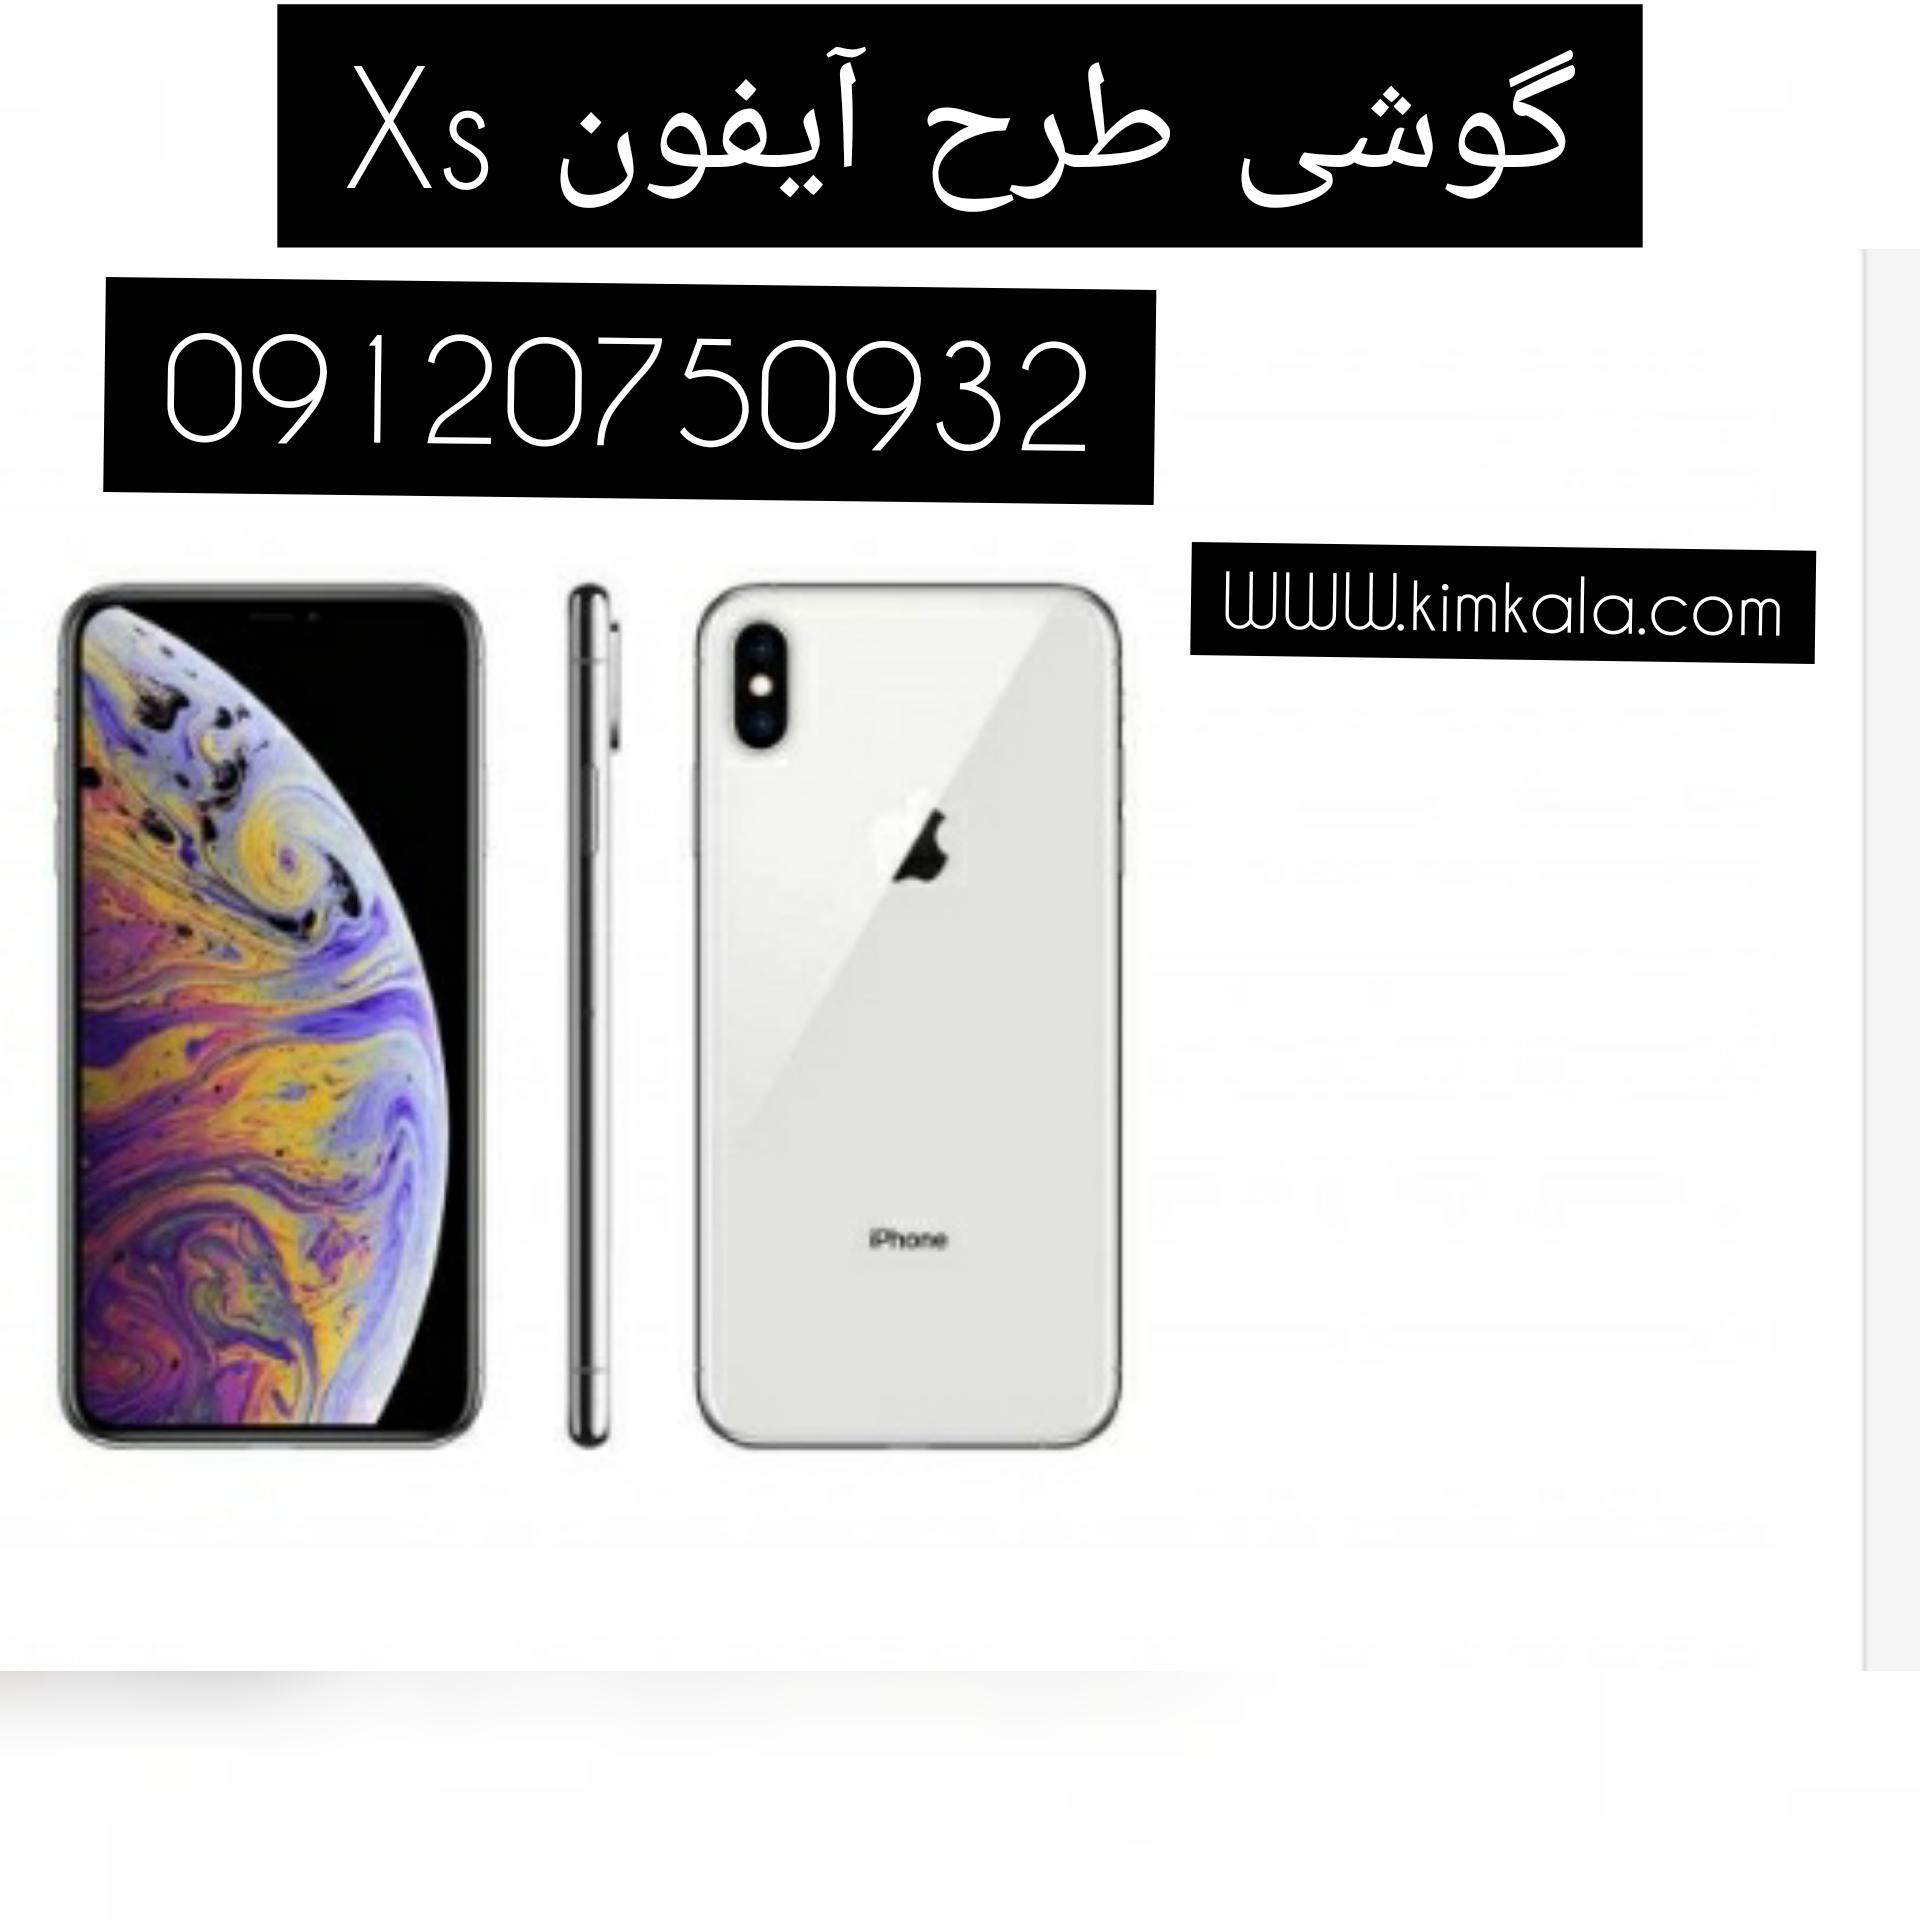 گوشی طرح آیفونXs/قیمت گوشی /09120750932